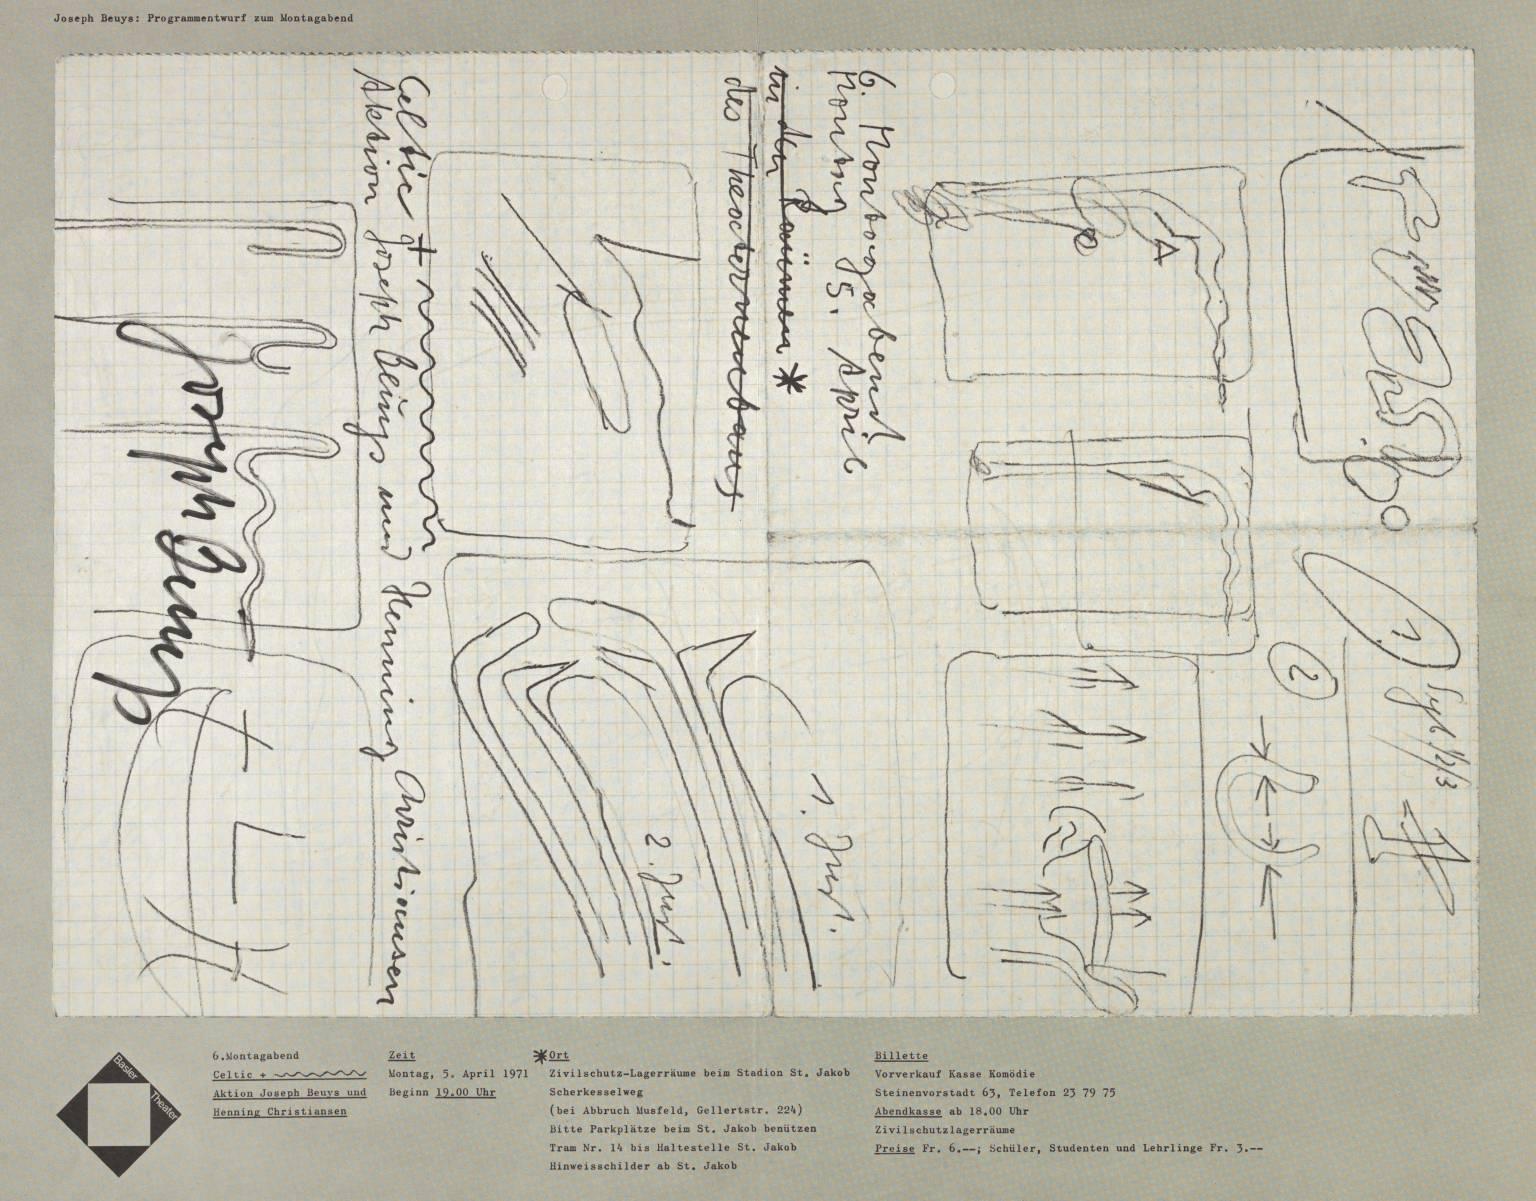 Joseph Beuys: Programmentwurf zum Montagabend. Baster Theater 1971 by Joseph Beuys 1921-1986